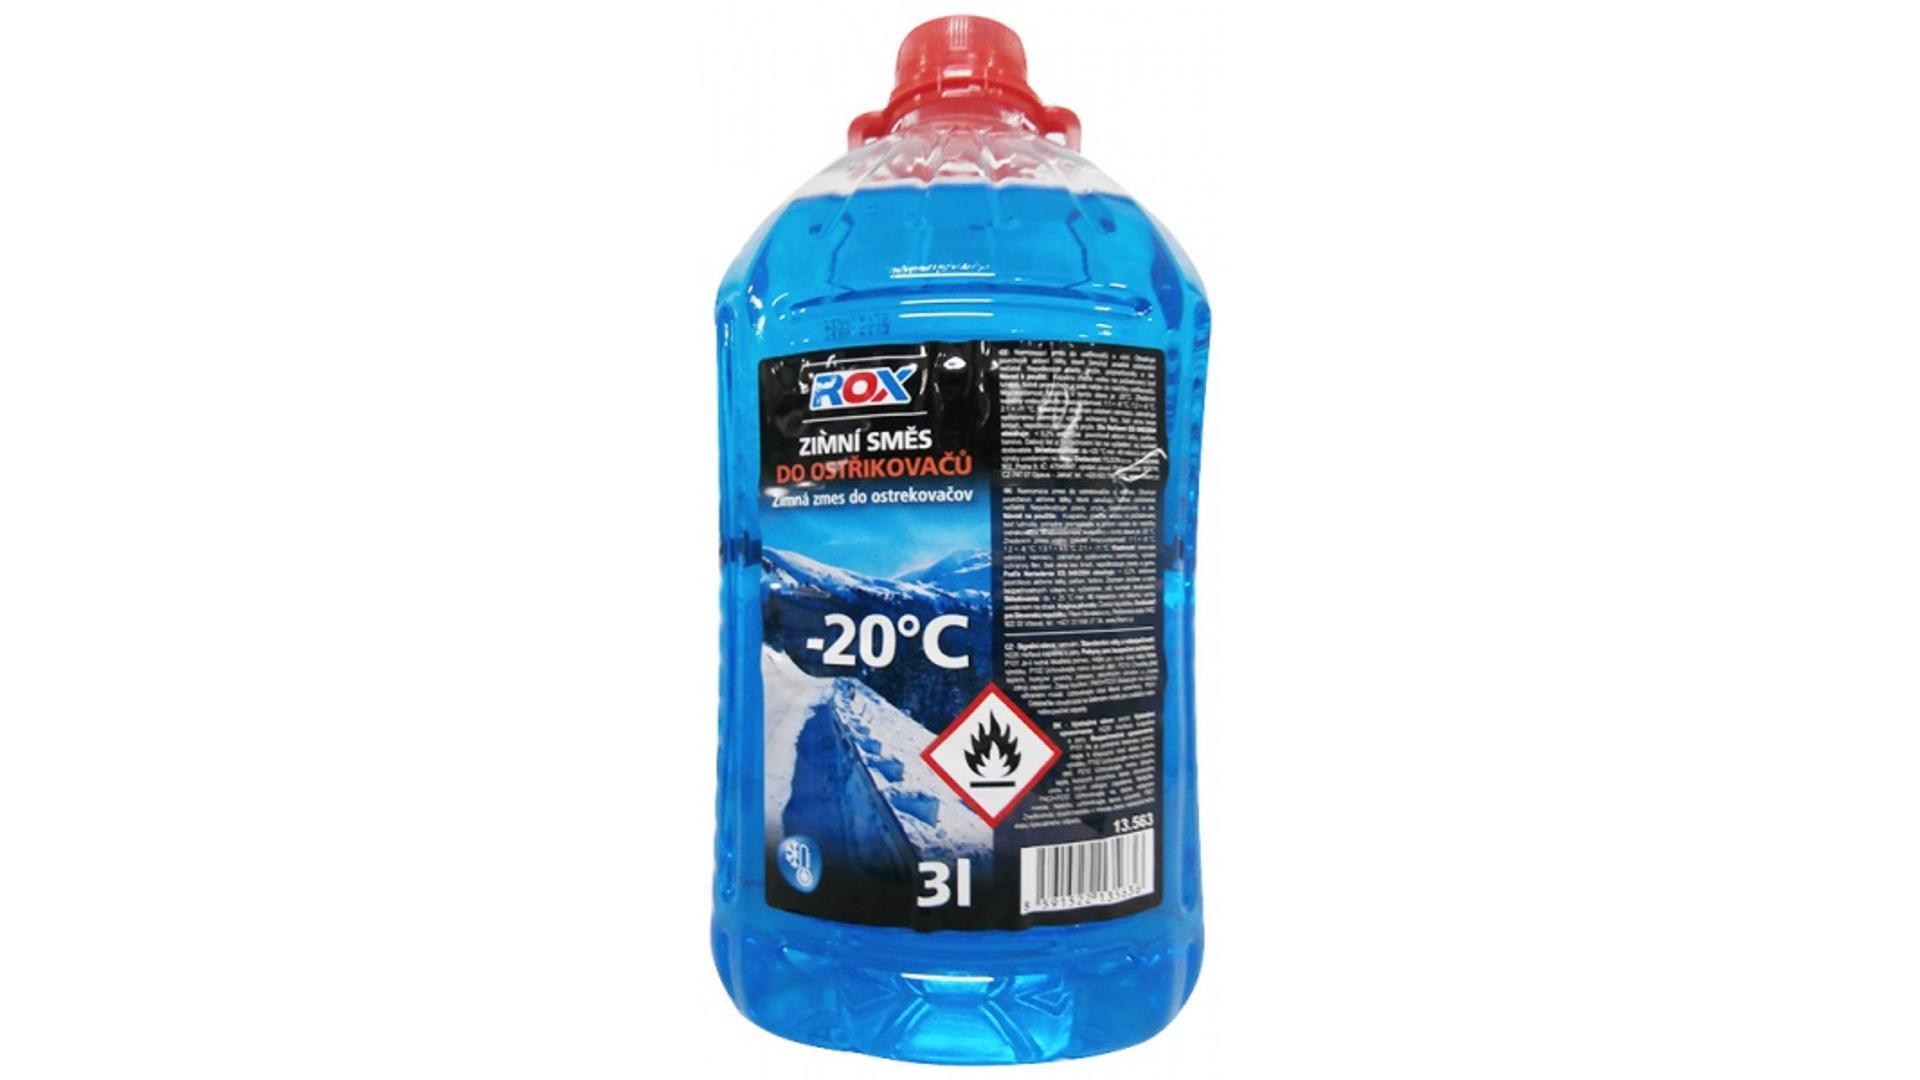 ROX ZIMNÁ ZMES DO OSTREKOVAČOV -20°C - 3L PET